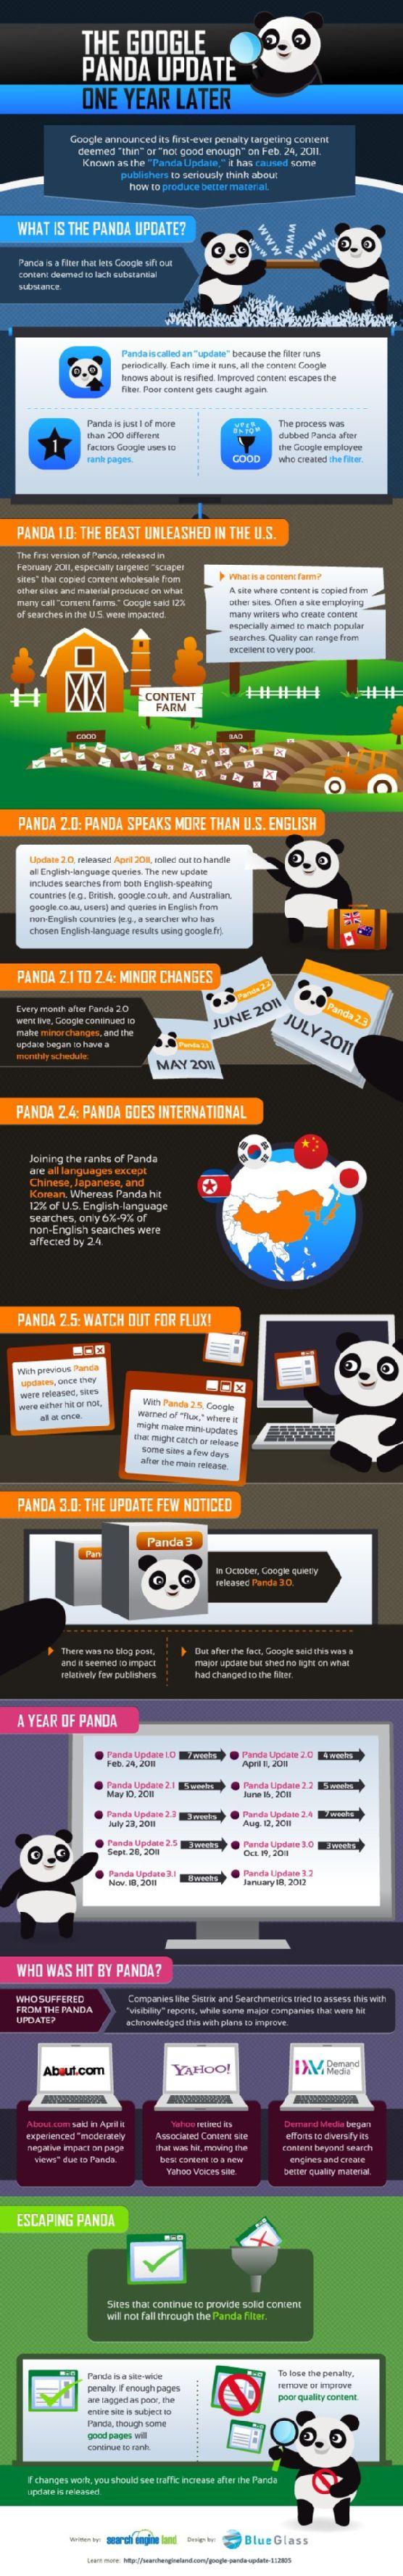 The Google Panda Update #infographic: Update Infographic, Social Media, Year, Infographics, This, Pandas